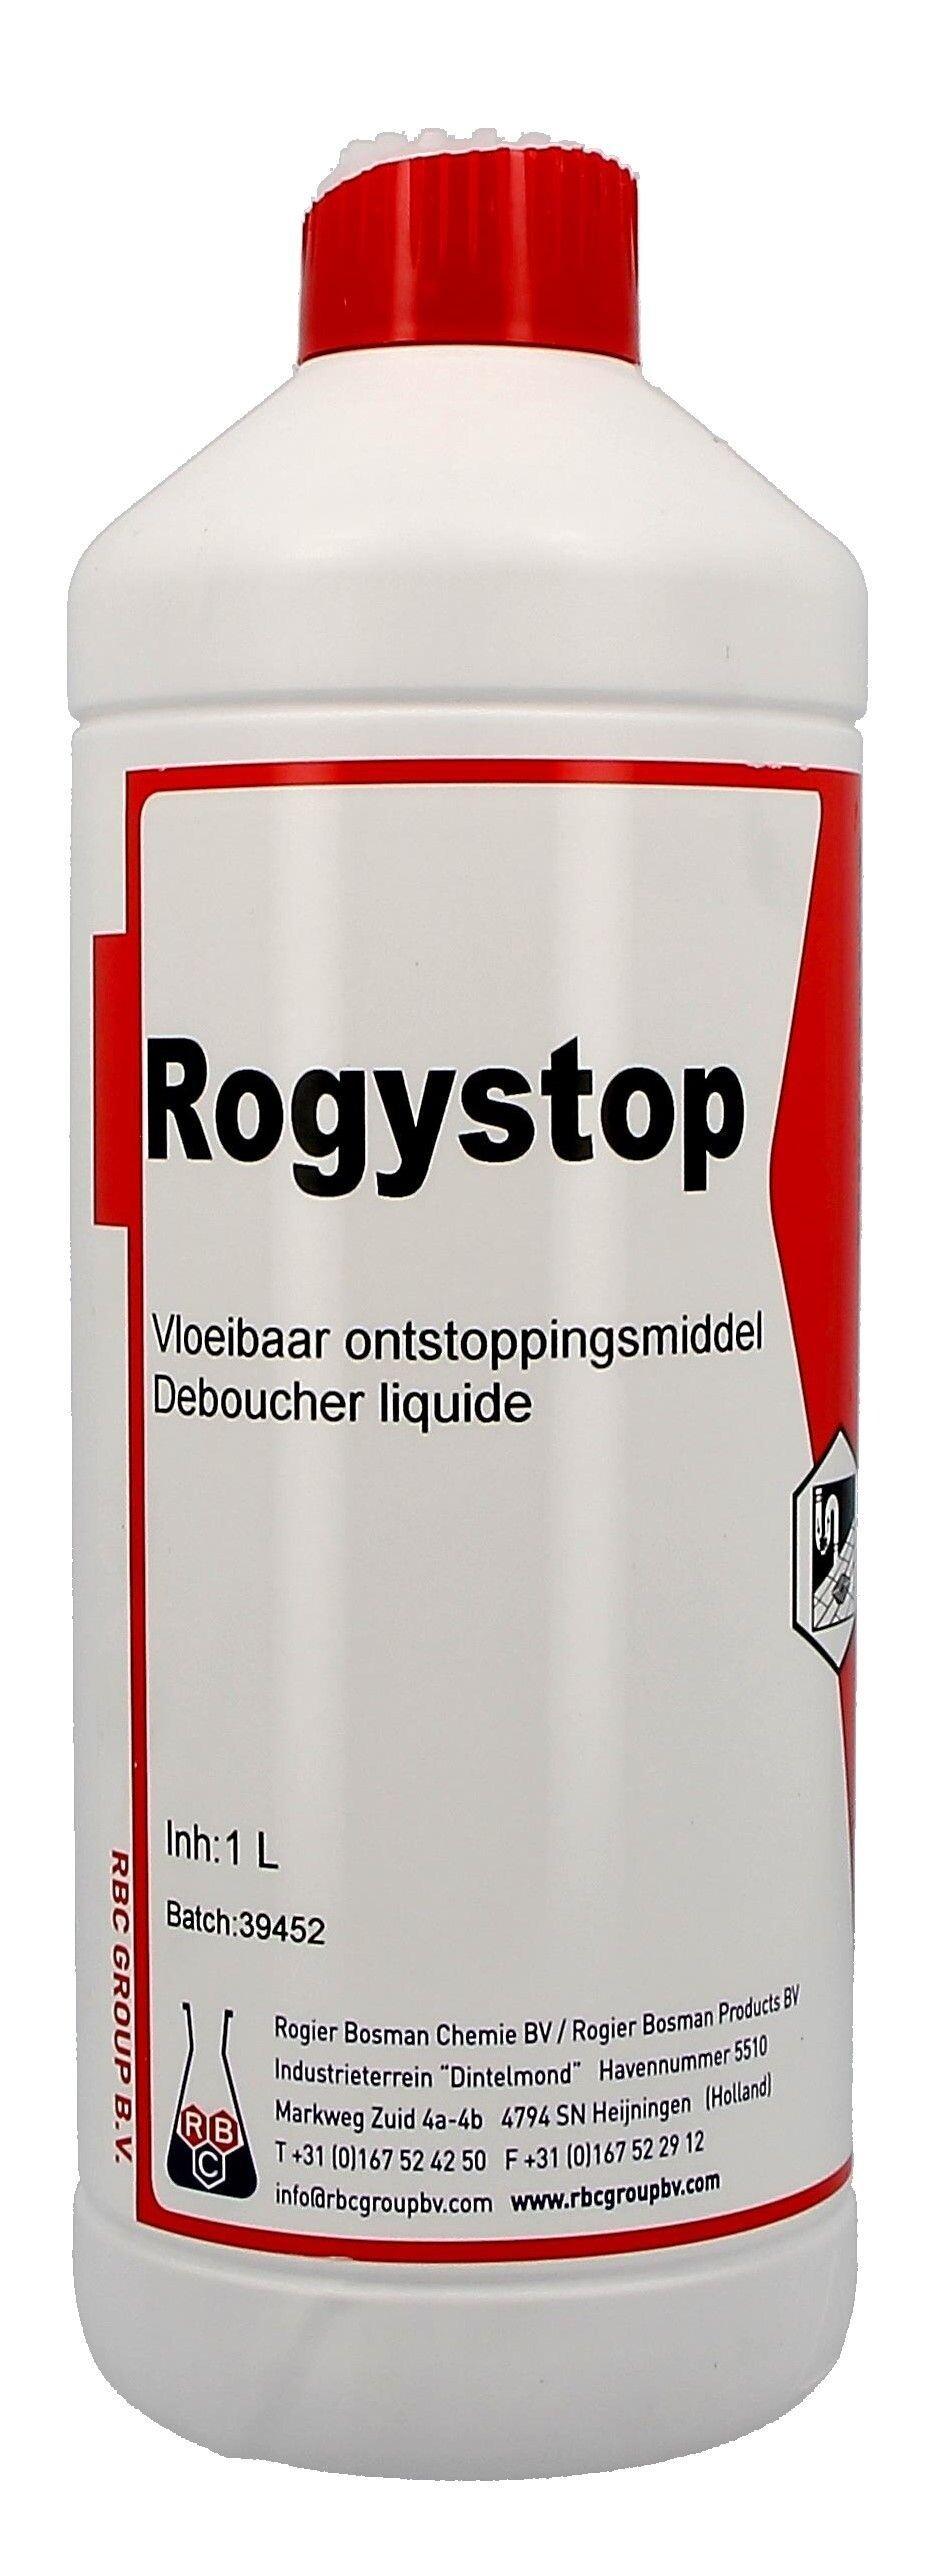 Drain cleaner 1L Rogystop Super (Reinigings-&kuisproducten)